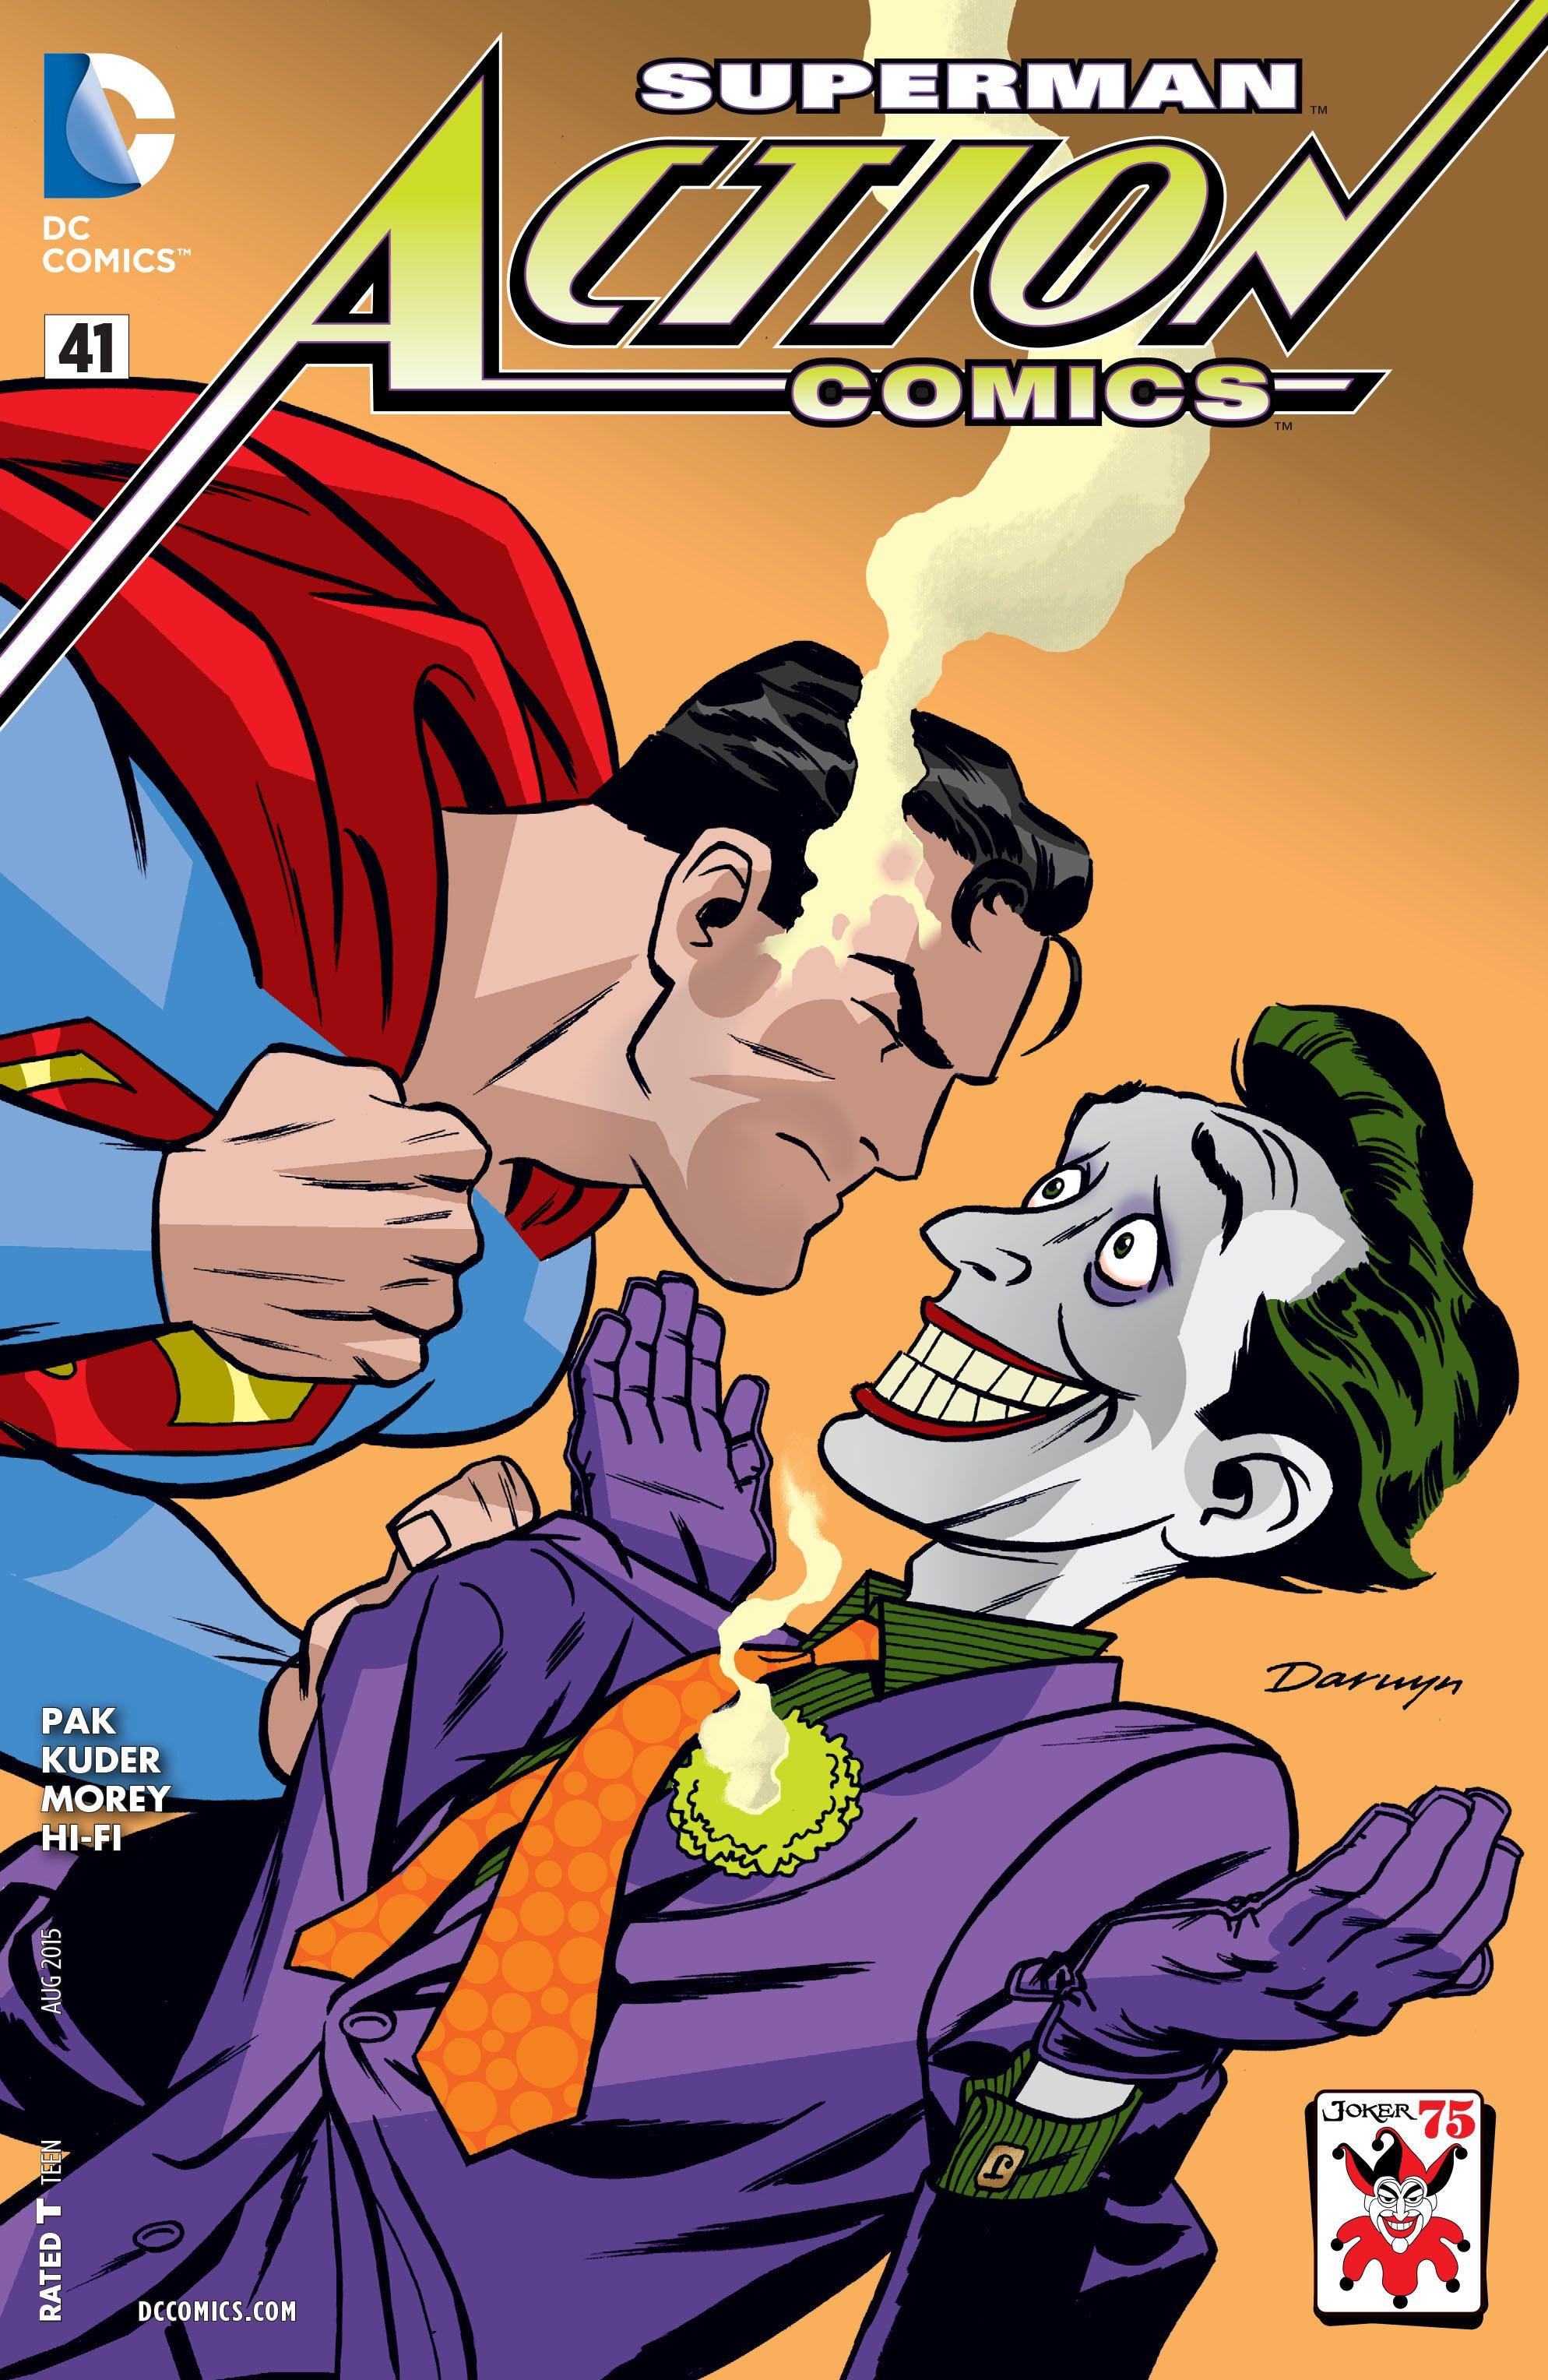 JOKER 75 обложки от DC.. - Изображение 2